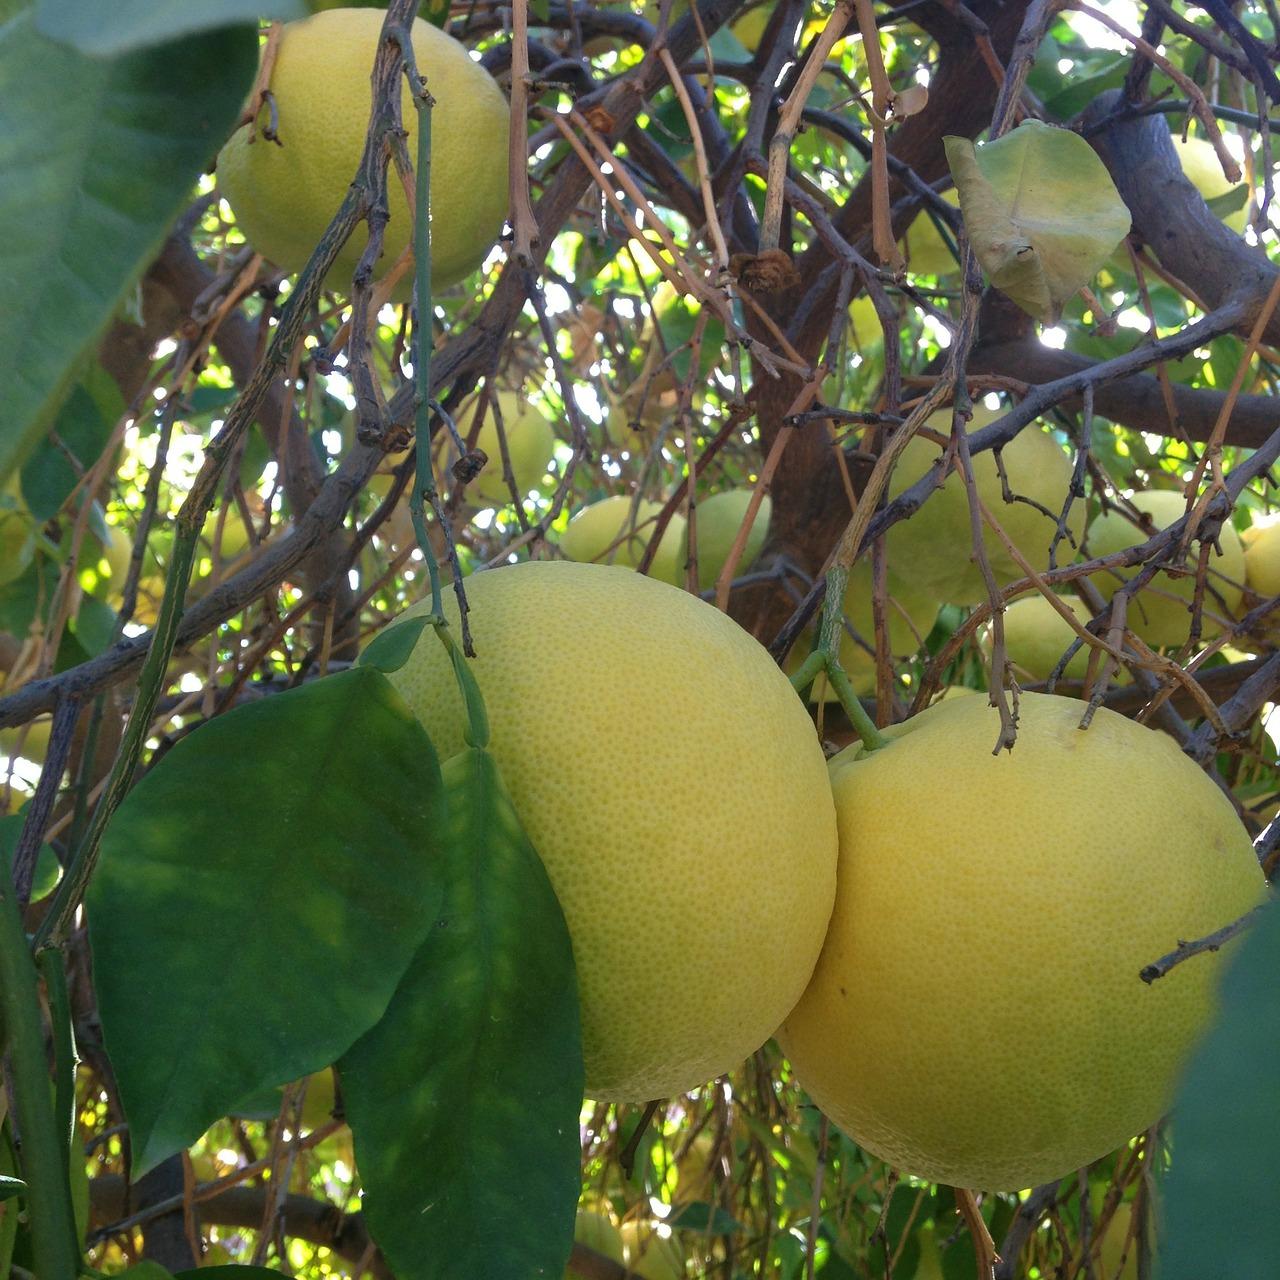 Το Γκρέιπ Φρουτ ανήκει στην οικογένεια των εσπεριδοειδών. Είναι δένδρο με μεγάλη παραγωγική ικανότητα, γρήγορης ανάπτυξης.